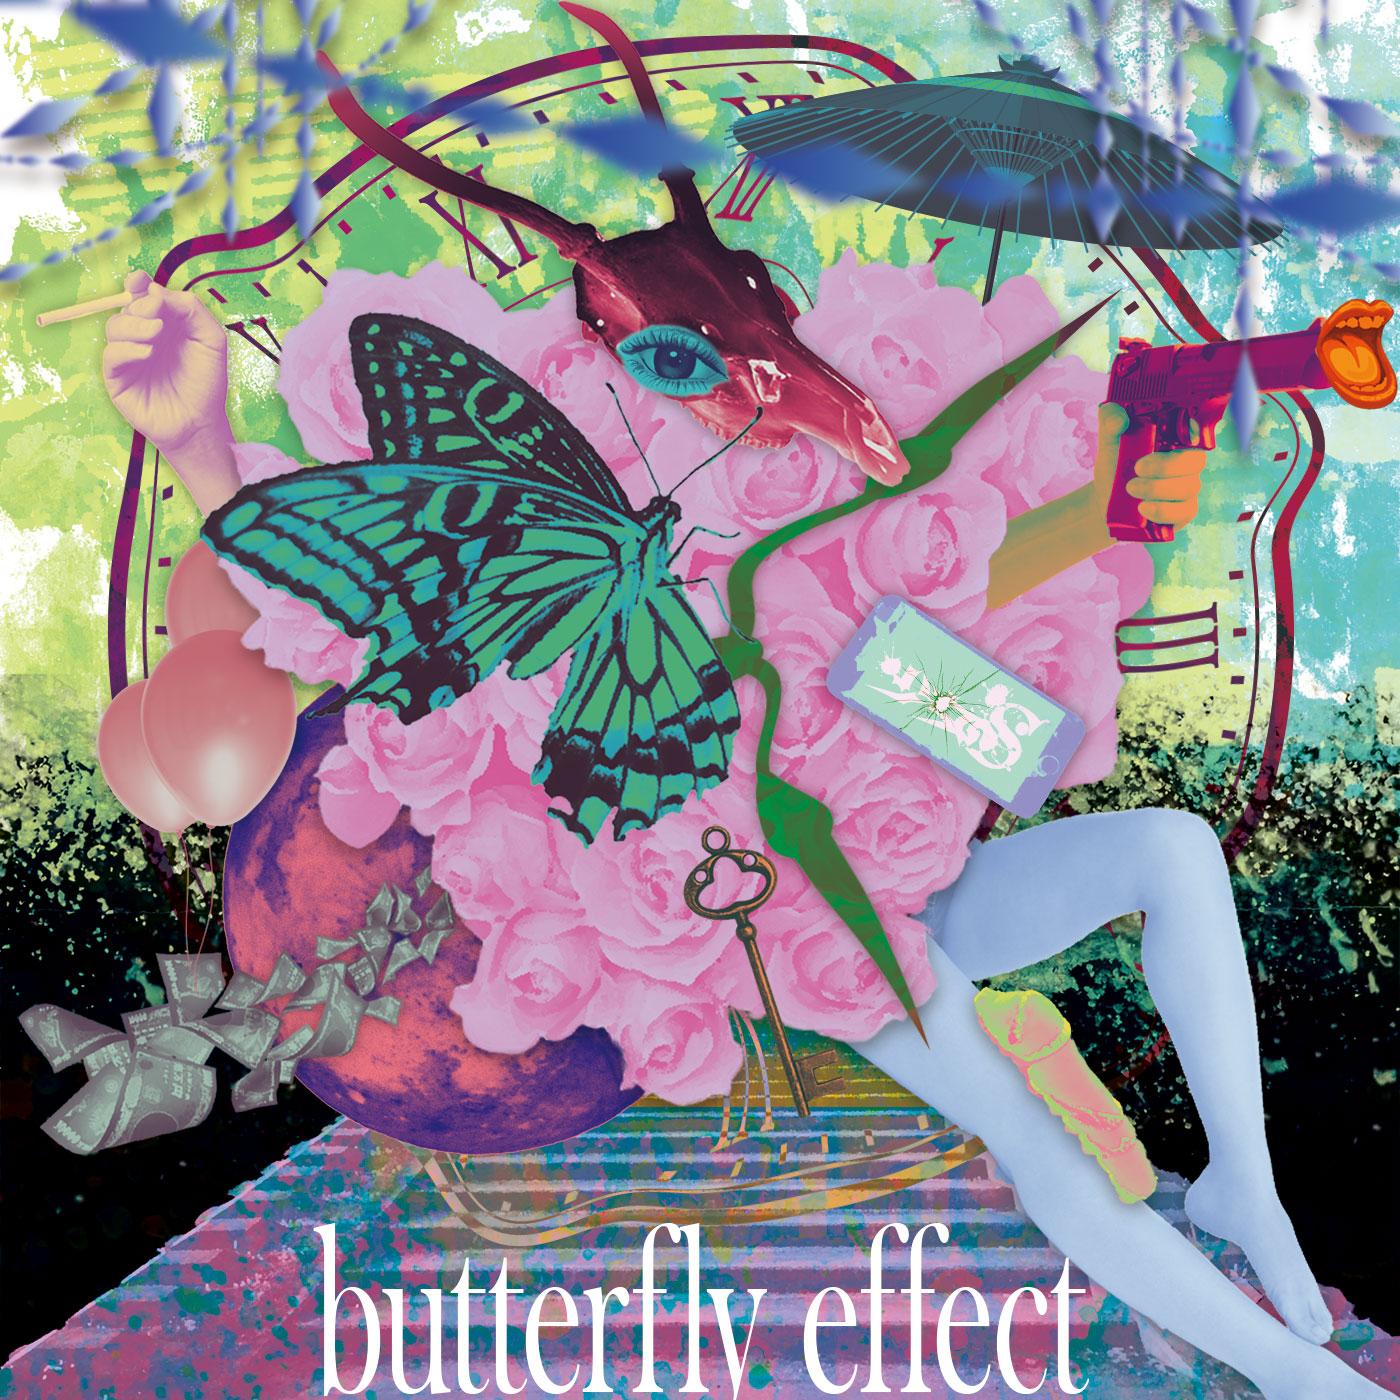 1st Single「butterfly effect」